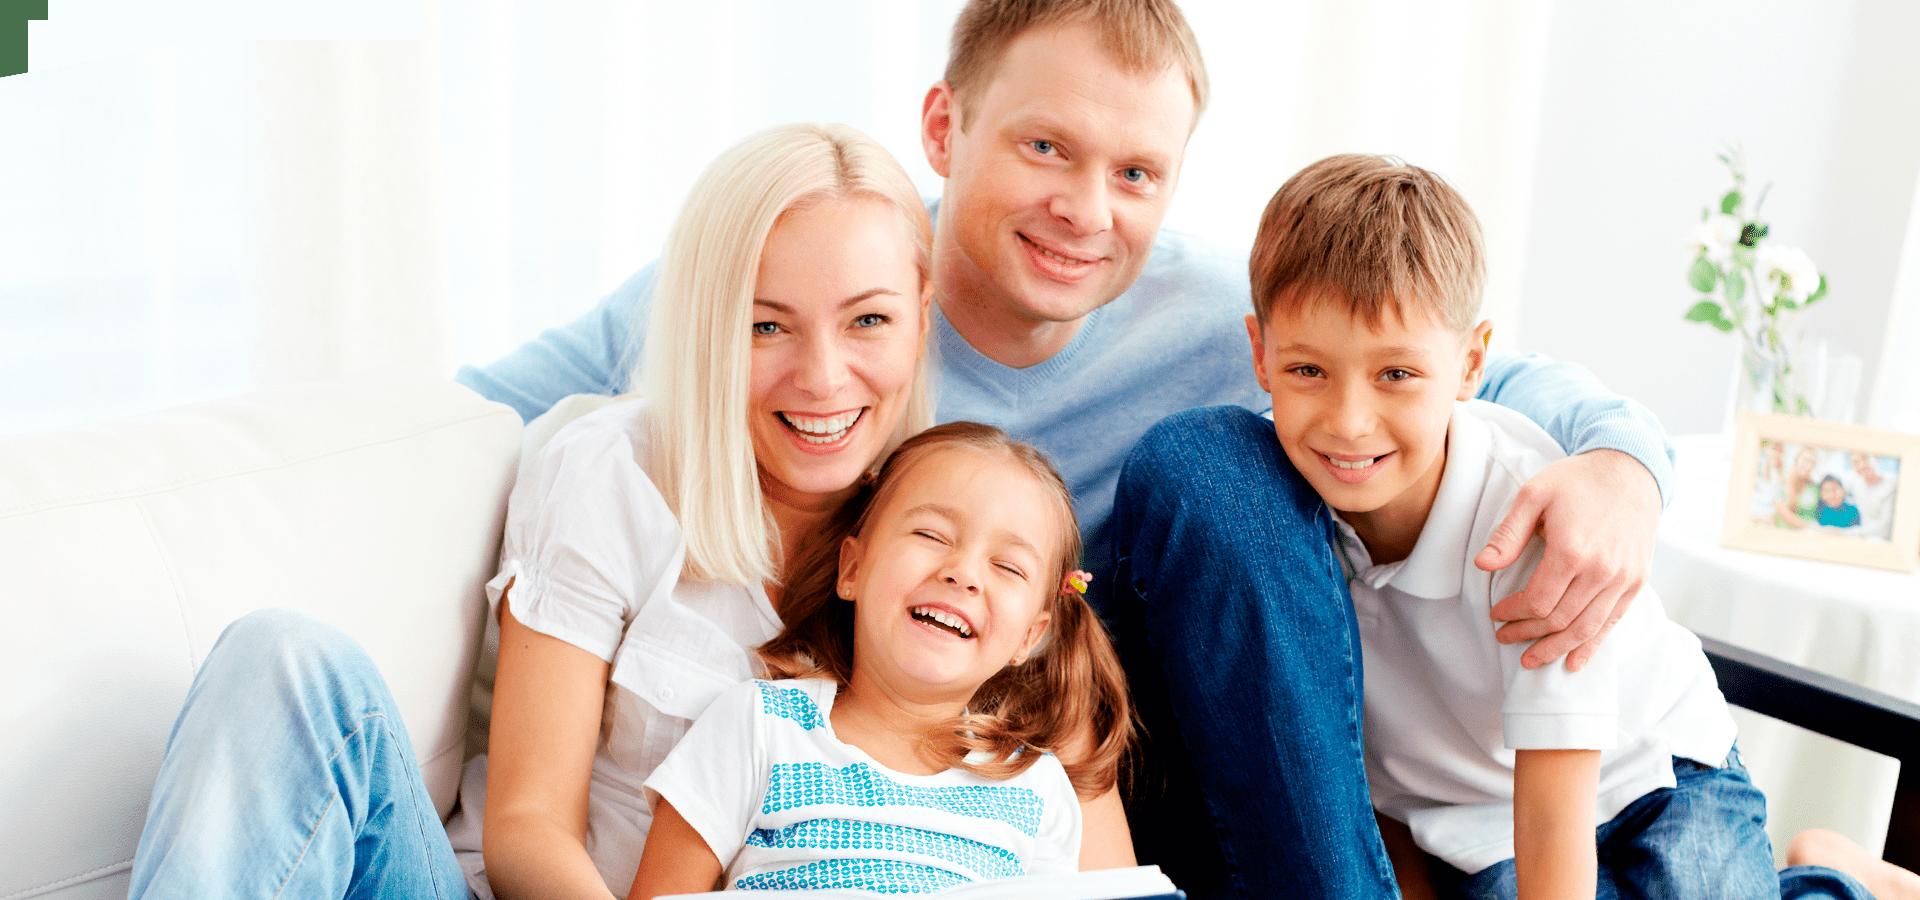 Фотосъемка семьи в студии